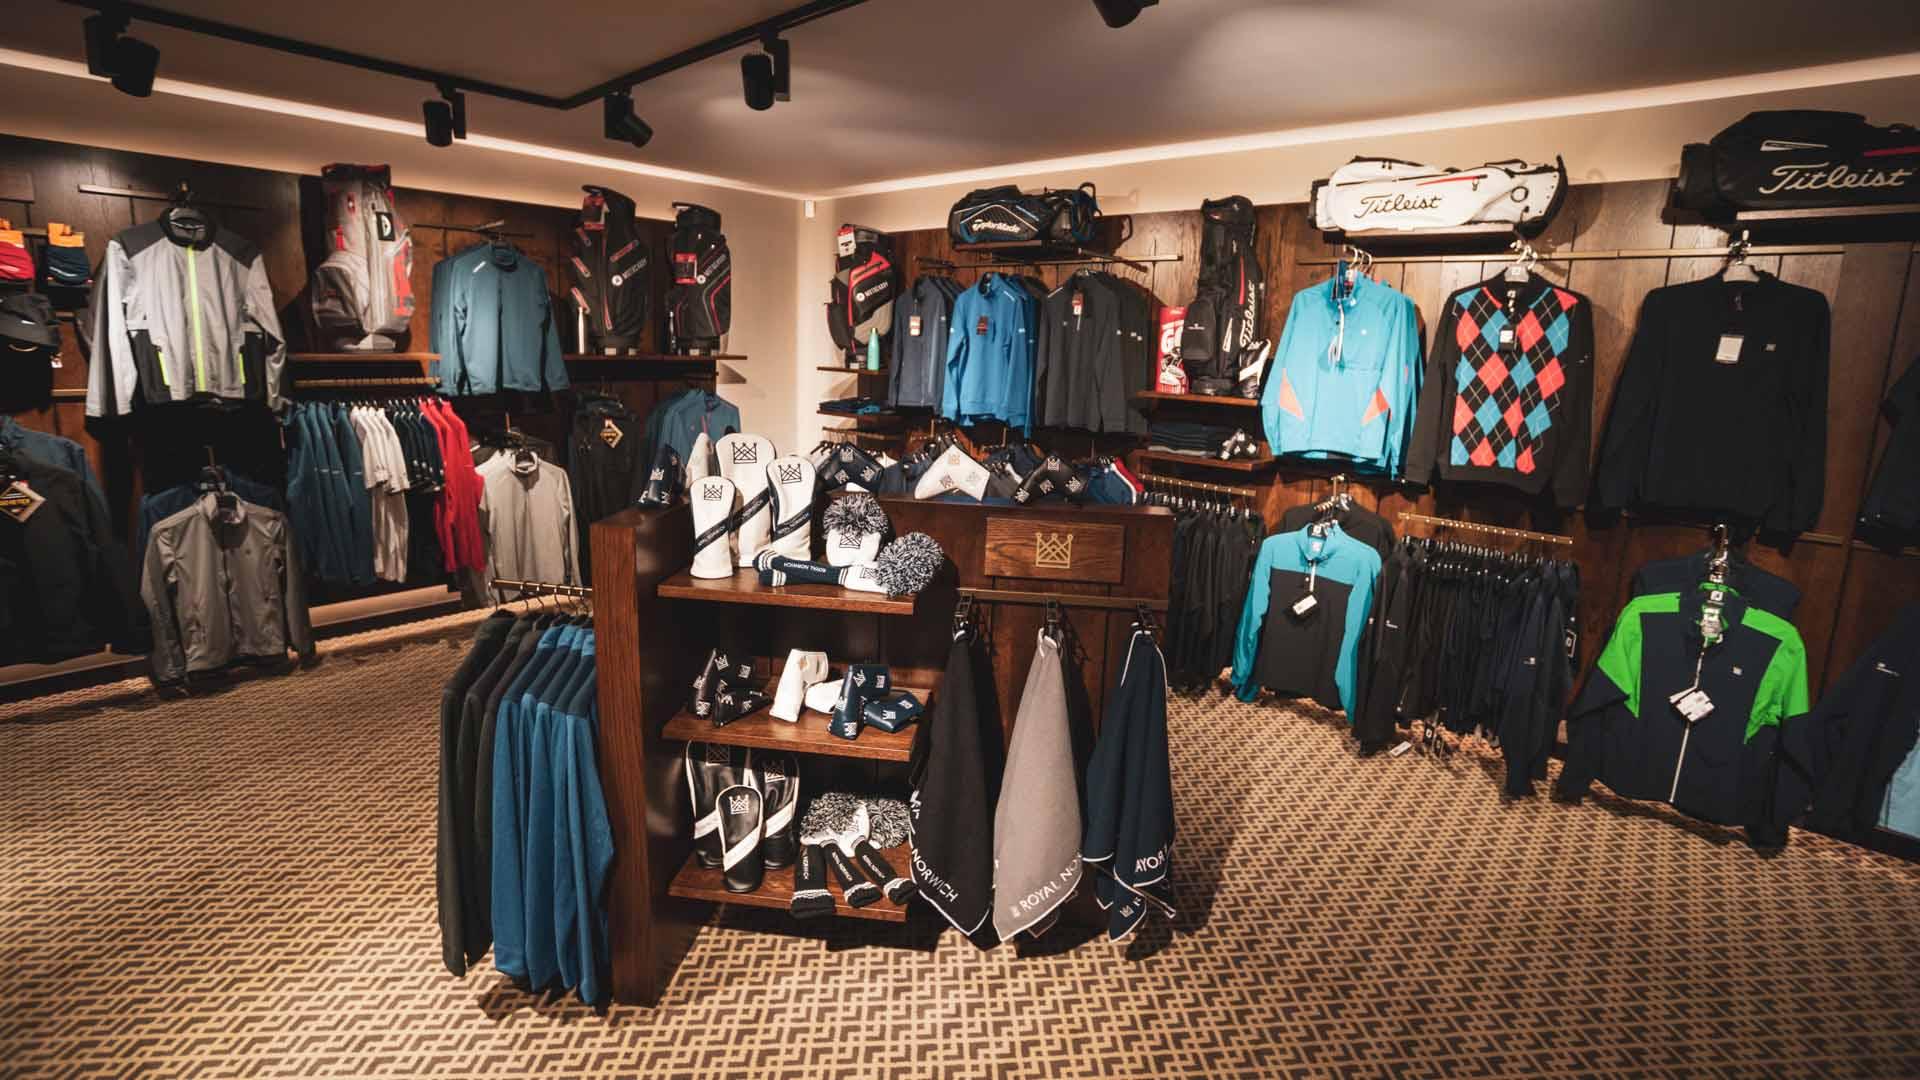 Royal Norwich pro shop